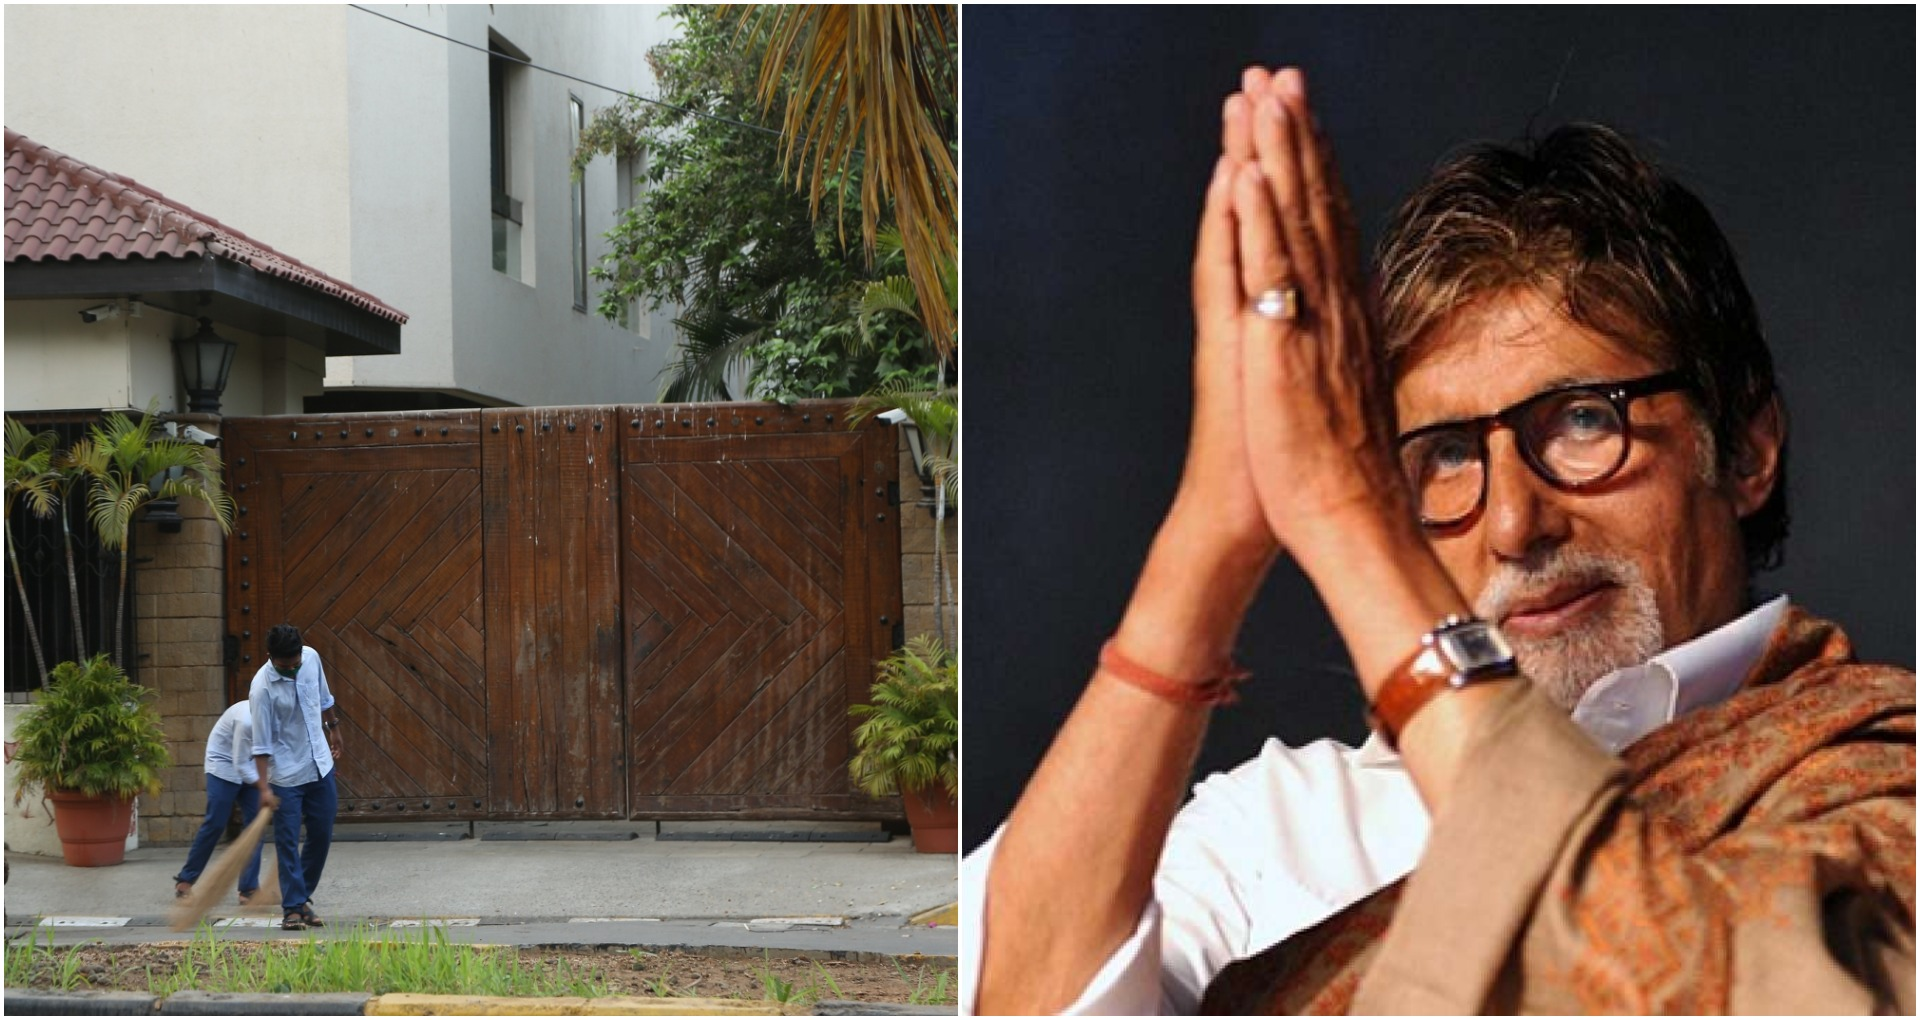 'जलसा' के बाहर साफ-सफाई करते नजर आए कोरोना योद्धा तो भावुक हुए अमिताभ बच्चन, शेयर की तस्वीरें